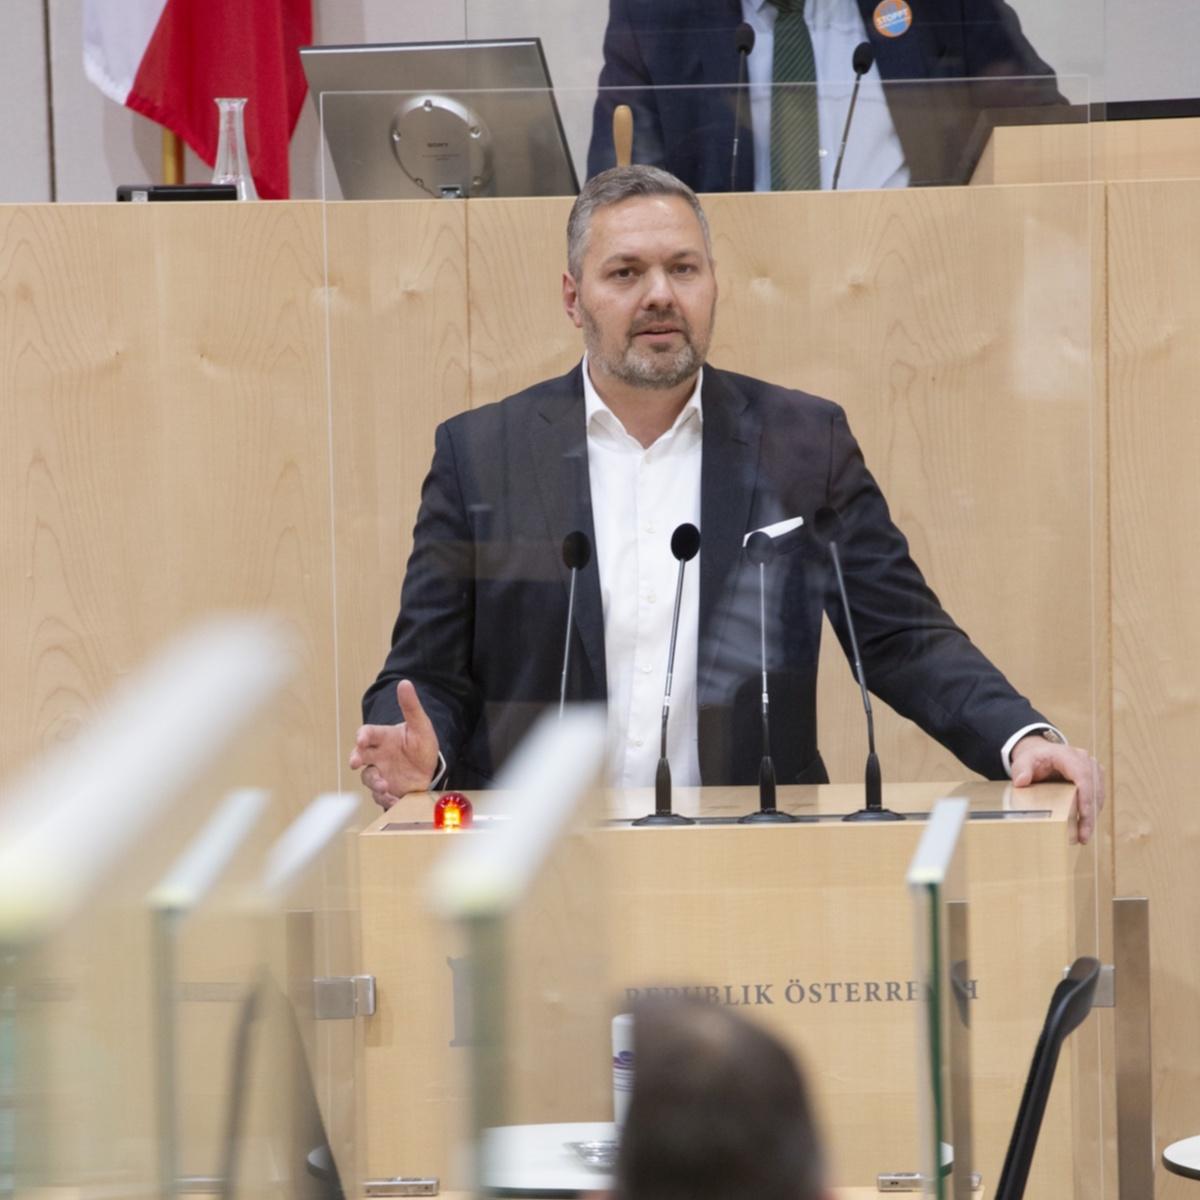 AxFür Axel Melchior (ÖVP) liegt es in der Verantwortung aller Parteien, sich für Pressefreiheit einzusetzen. Foto: Parlamentsdirektion / Ulrike Wieser